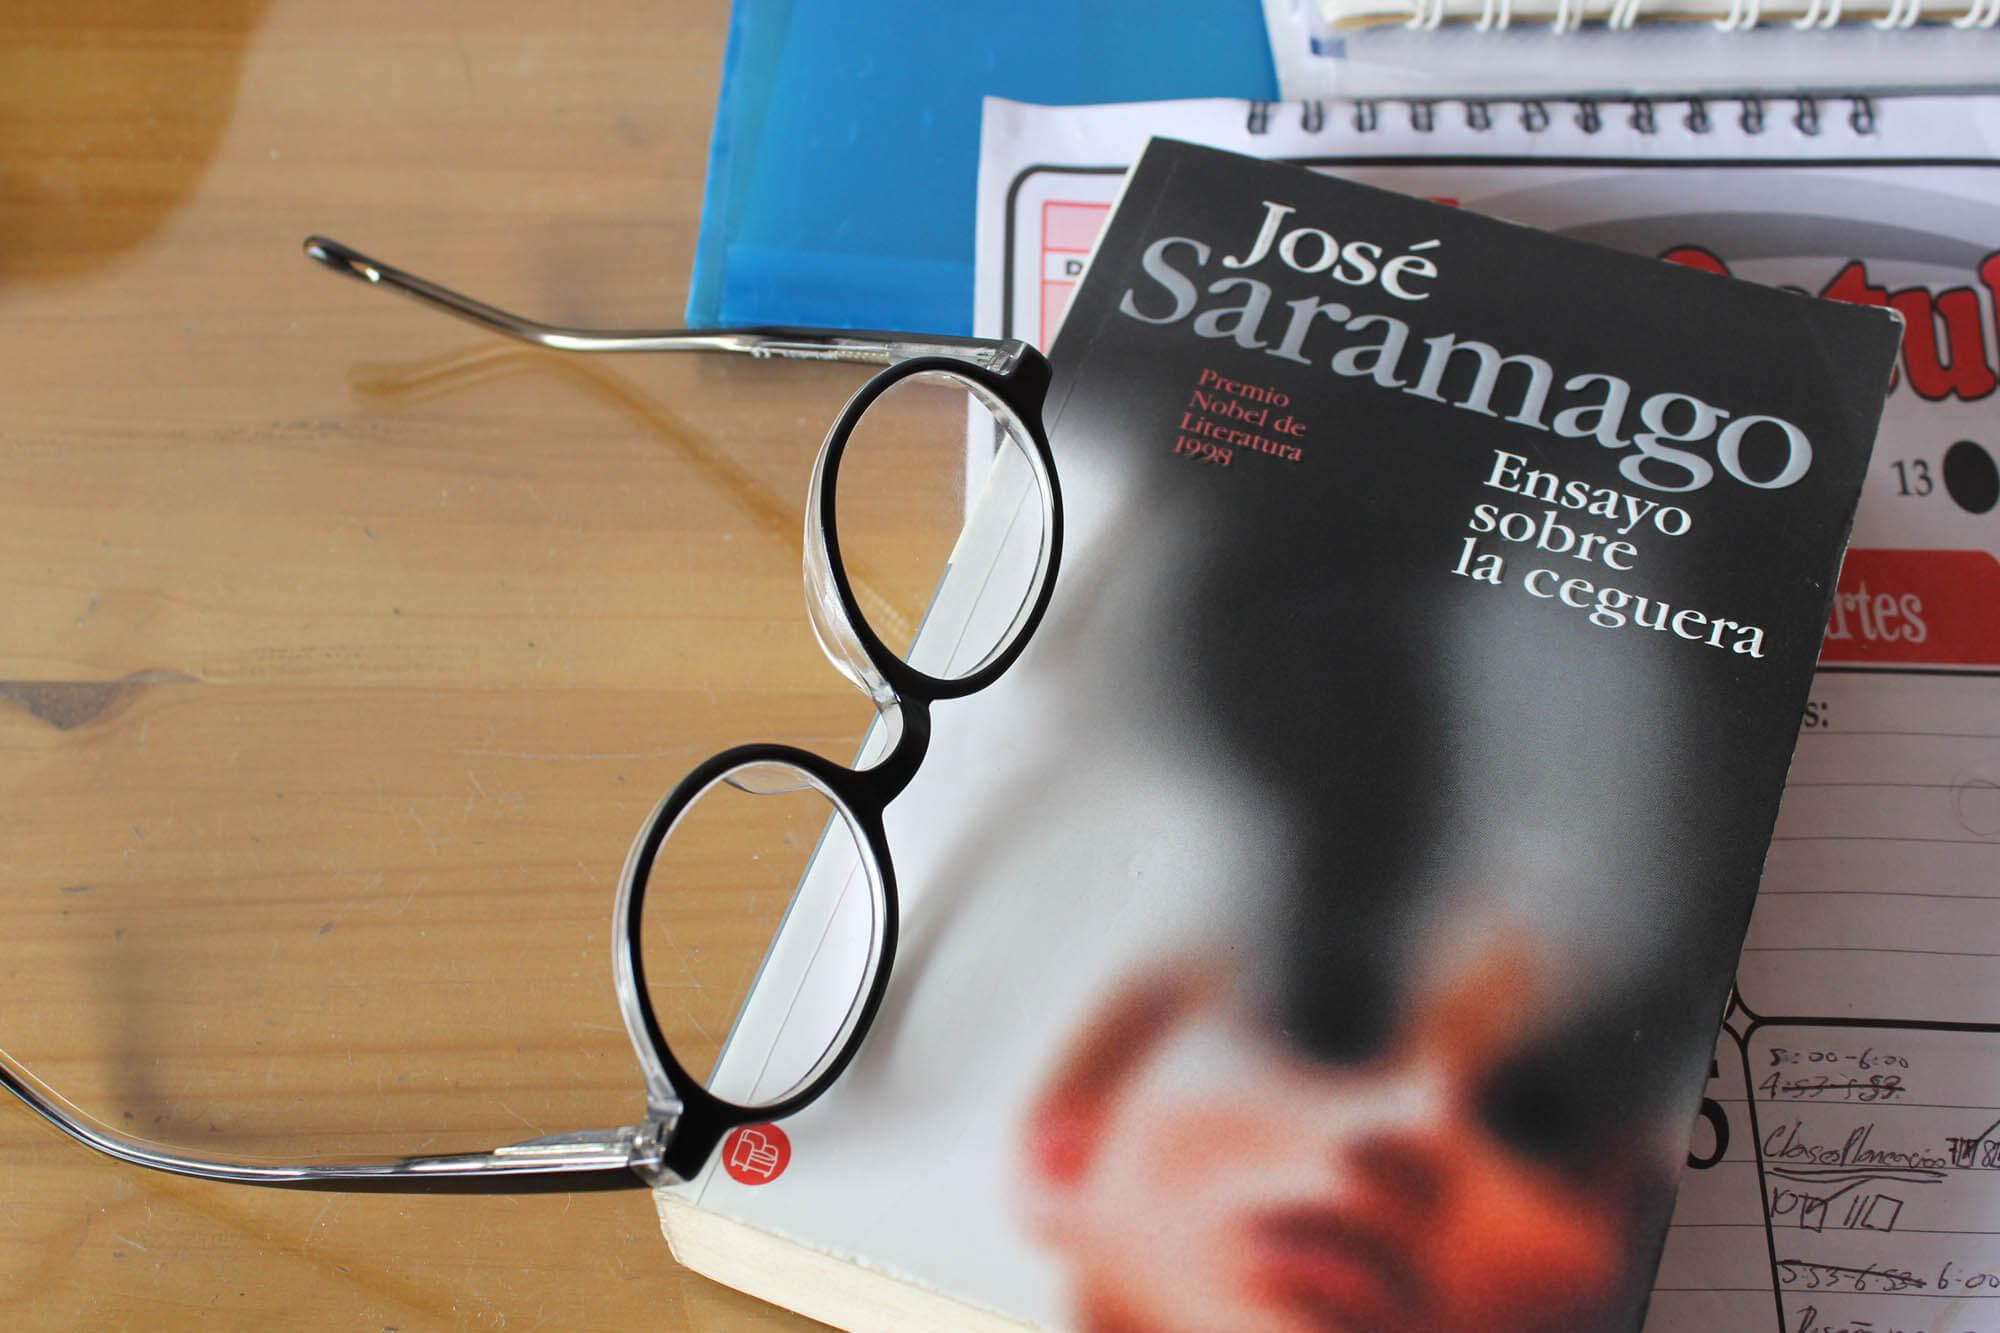 Comentario sobre ensayo sobre la ceguera de jos saramago for Ensayo sobre la ceguera